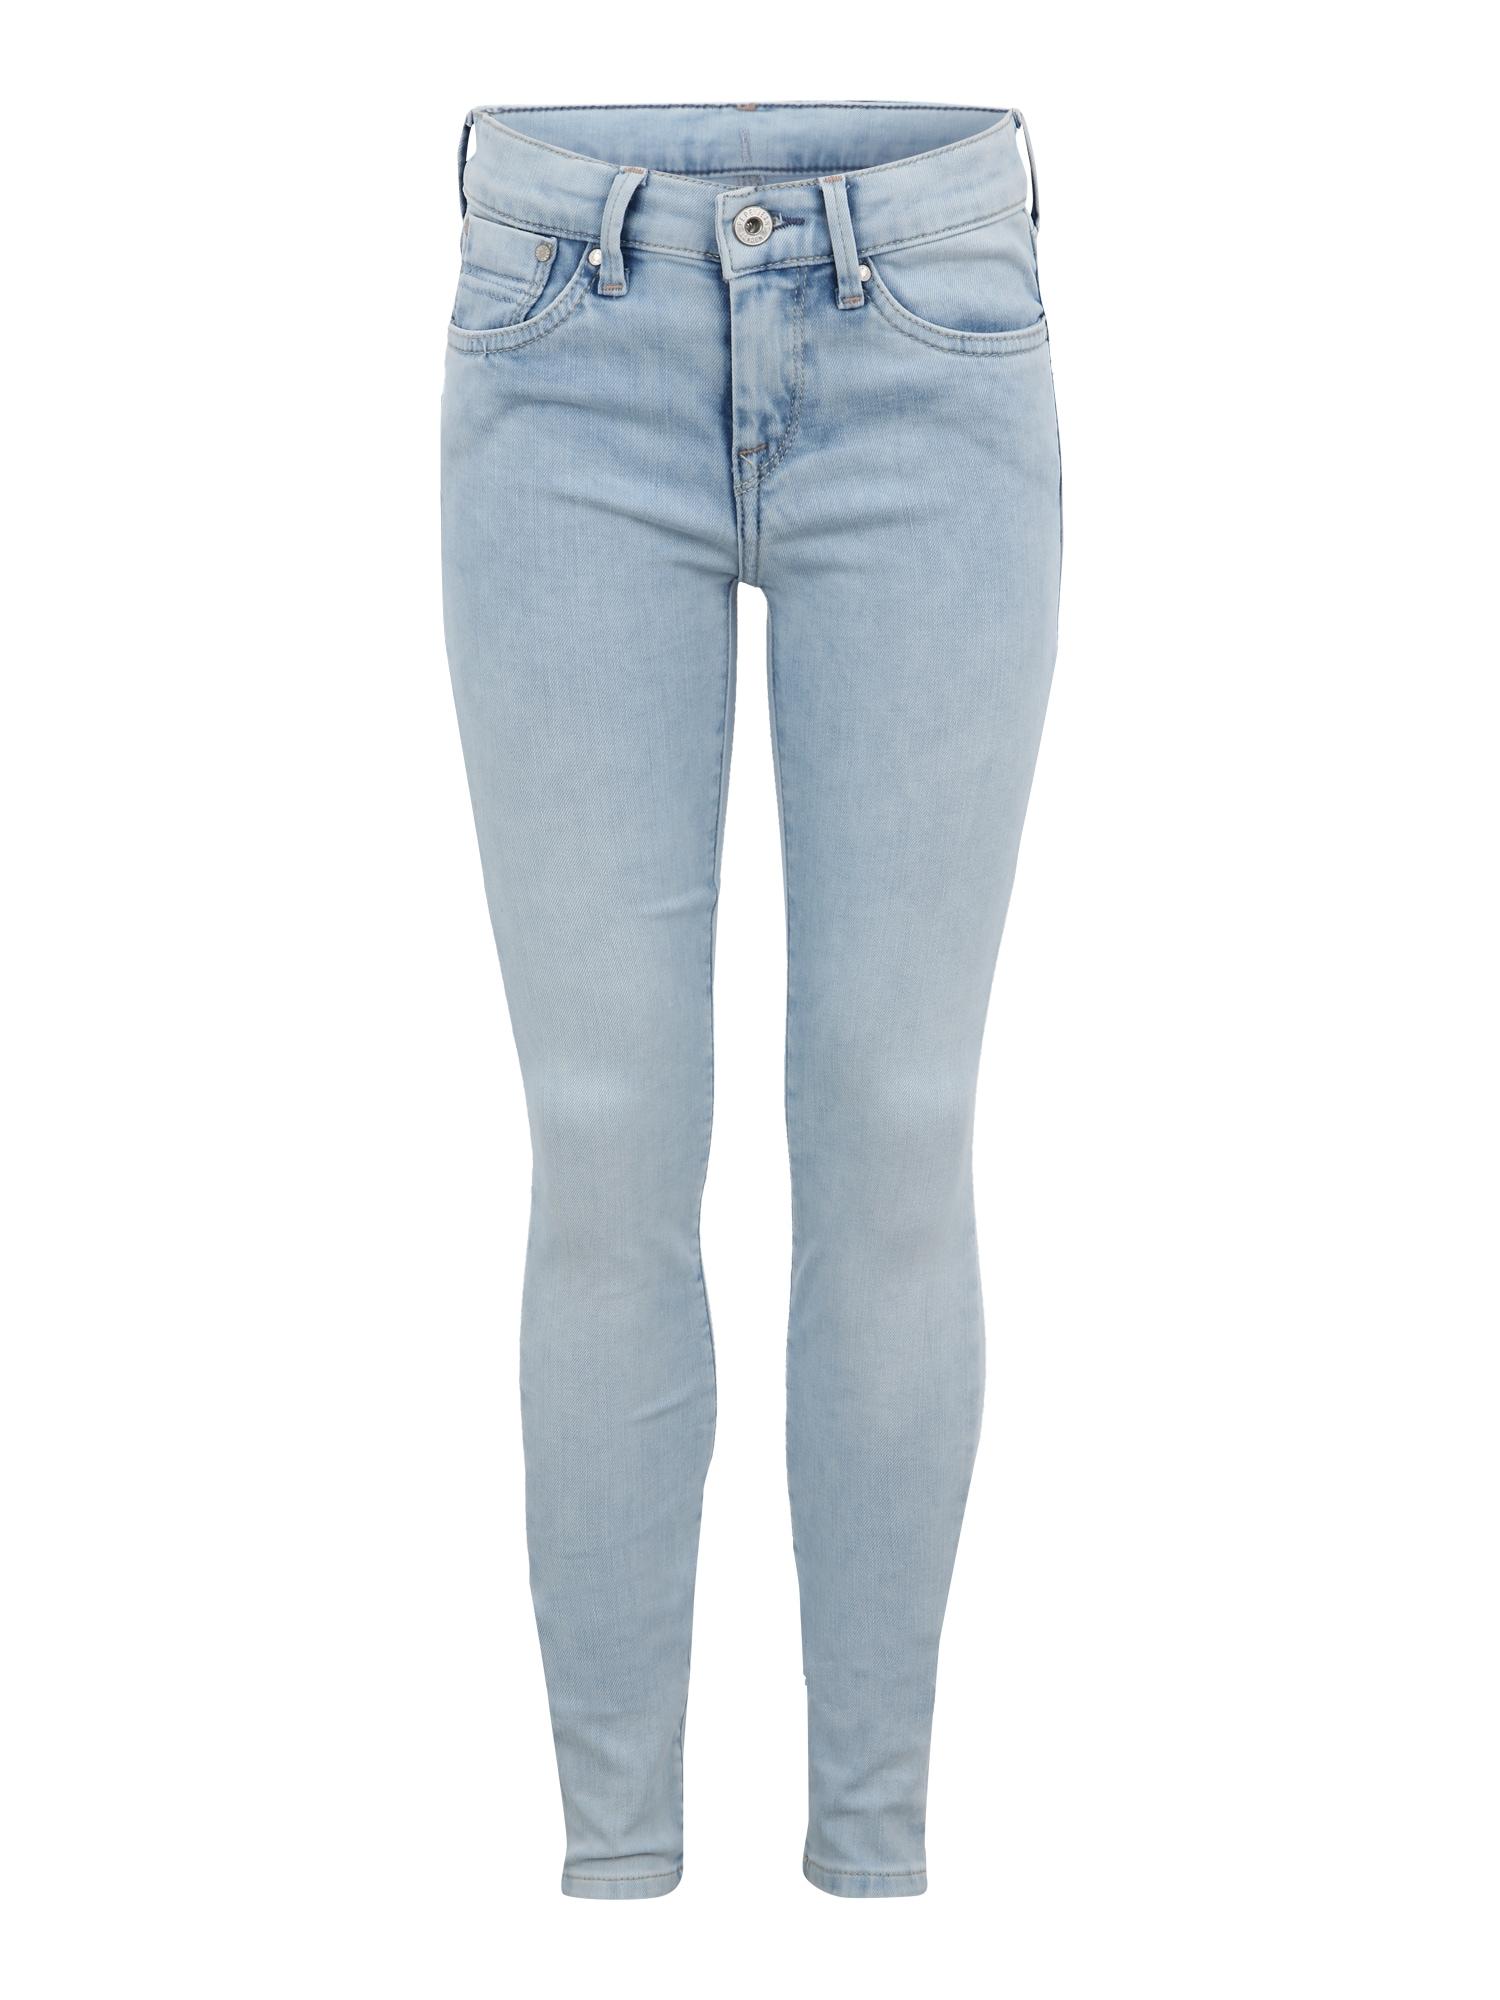 Pepe Jeans Meisjes Jeans PIXLETTE lichtblauw